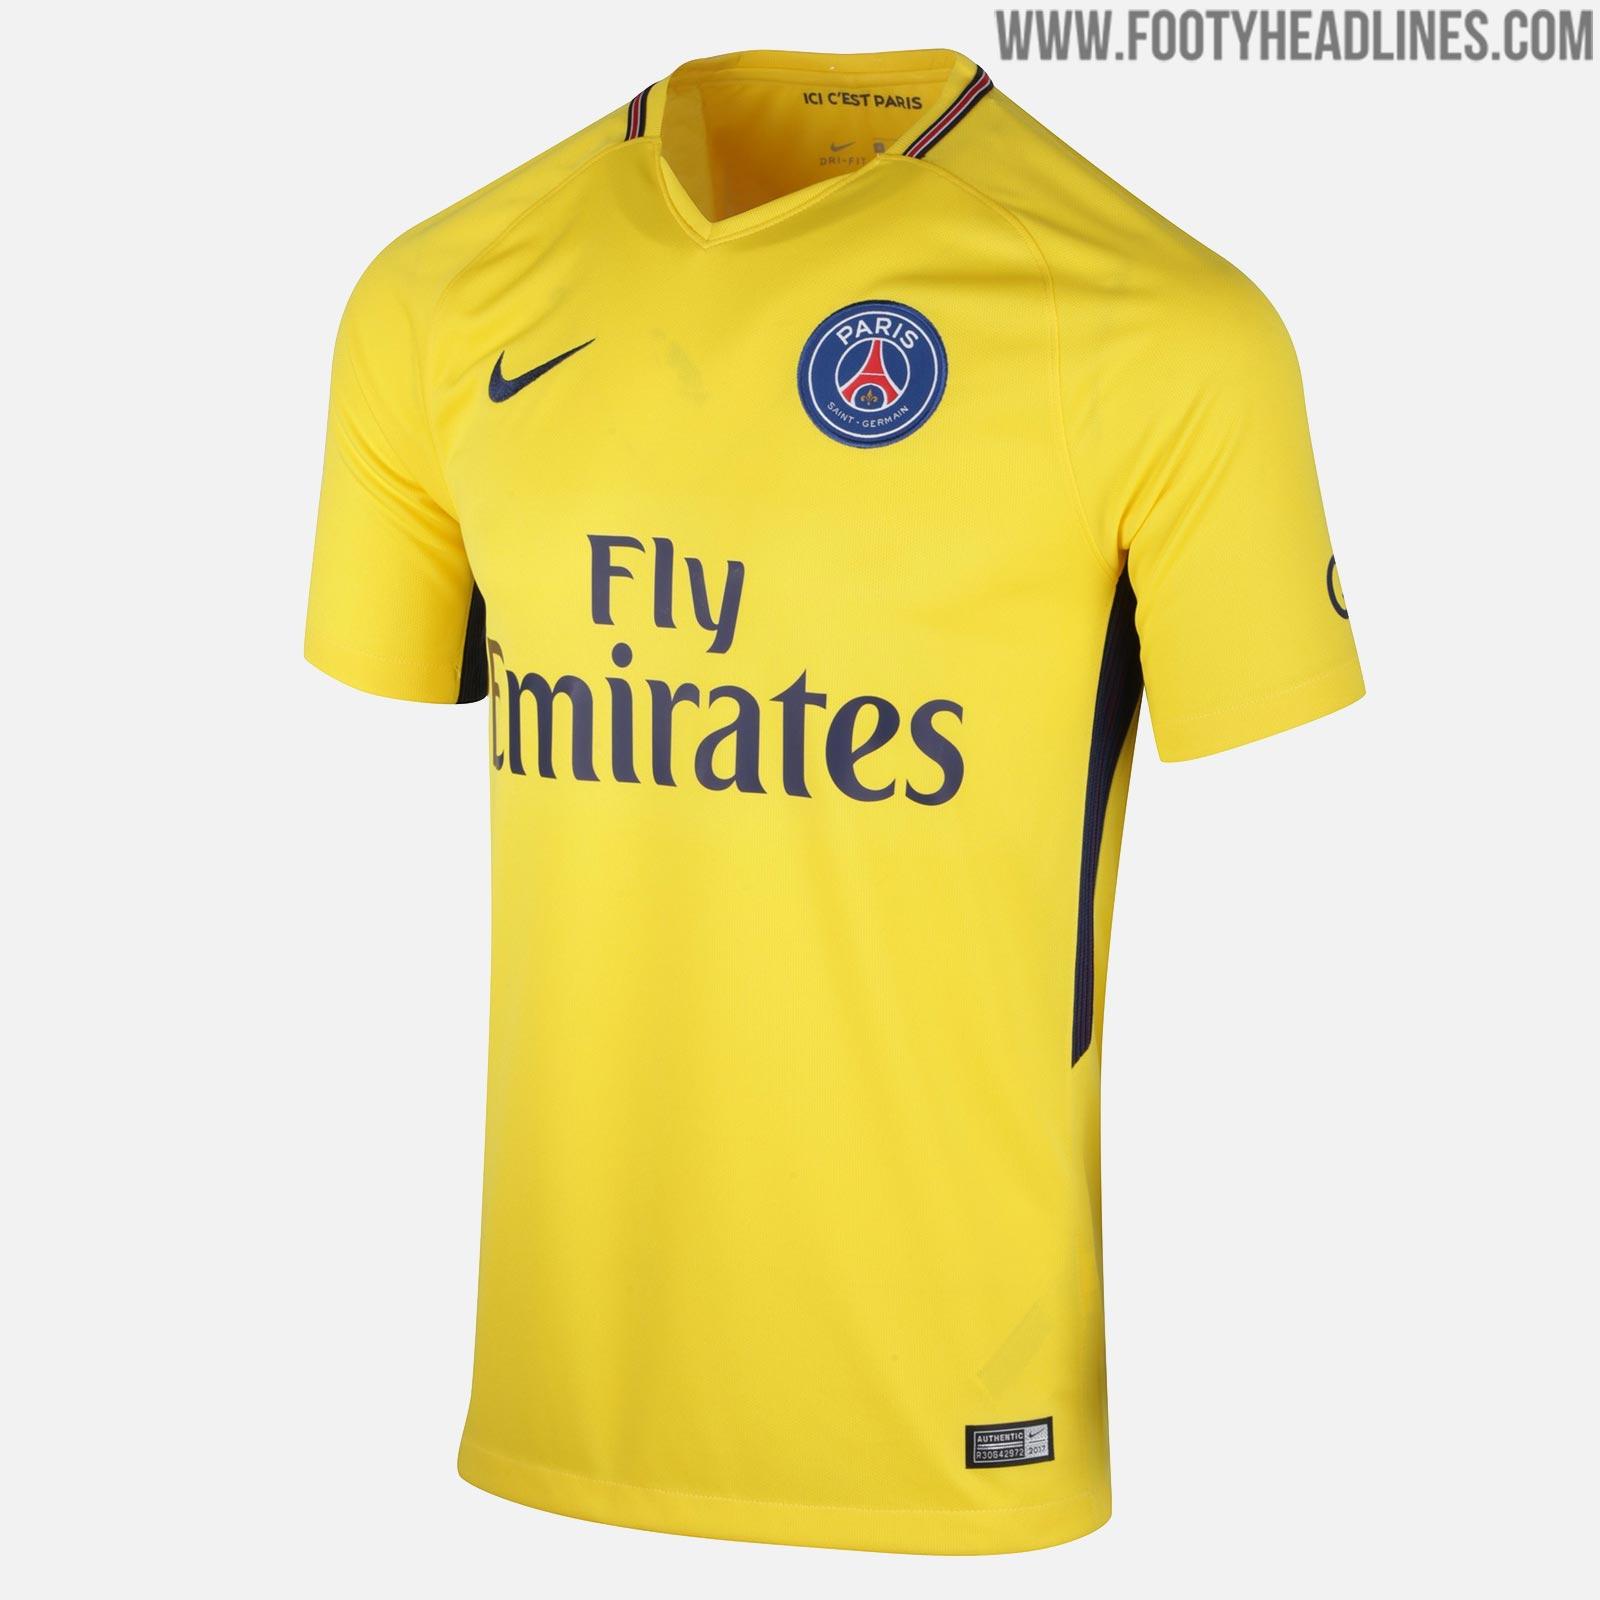 newest 291ce 1bdb9 Top 10 Paris Saint-Germain Kits In History - Footy Headlines